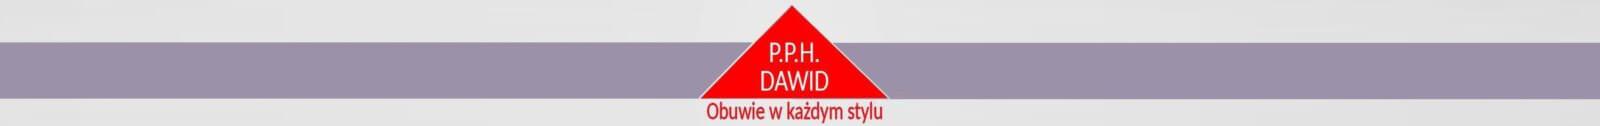 Dawid Obuwie